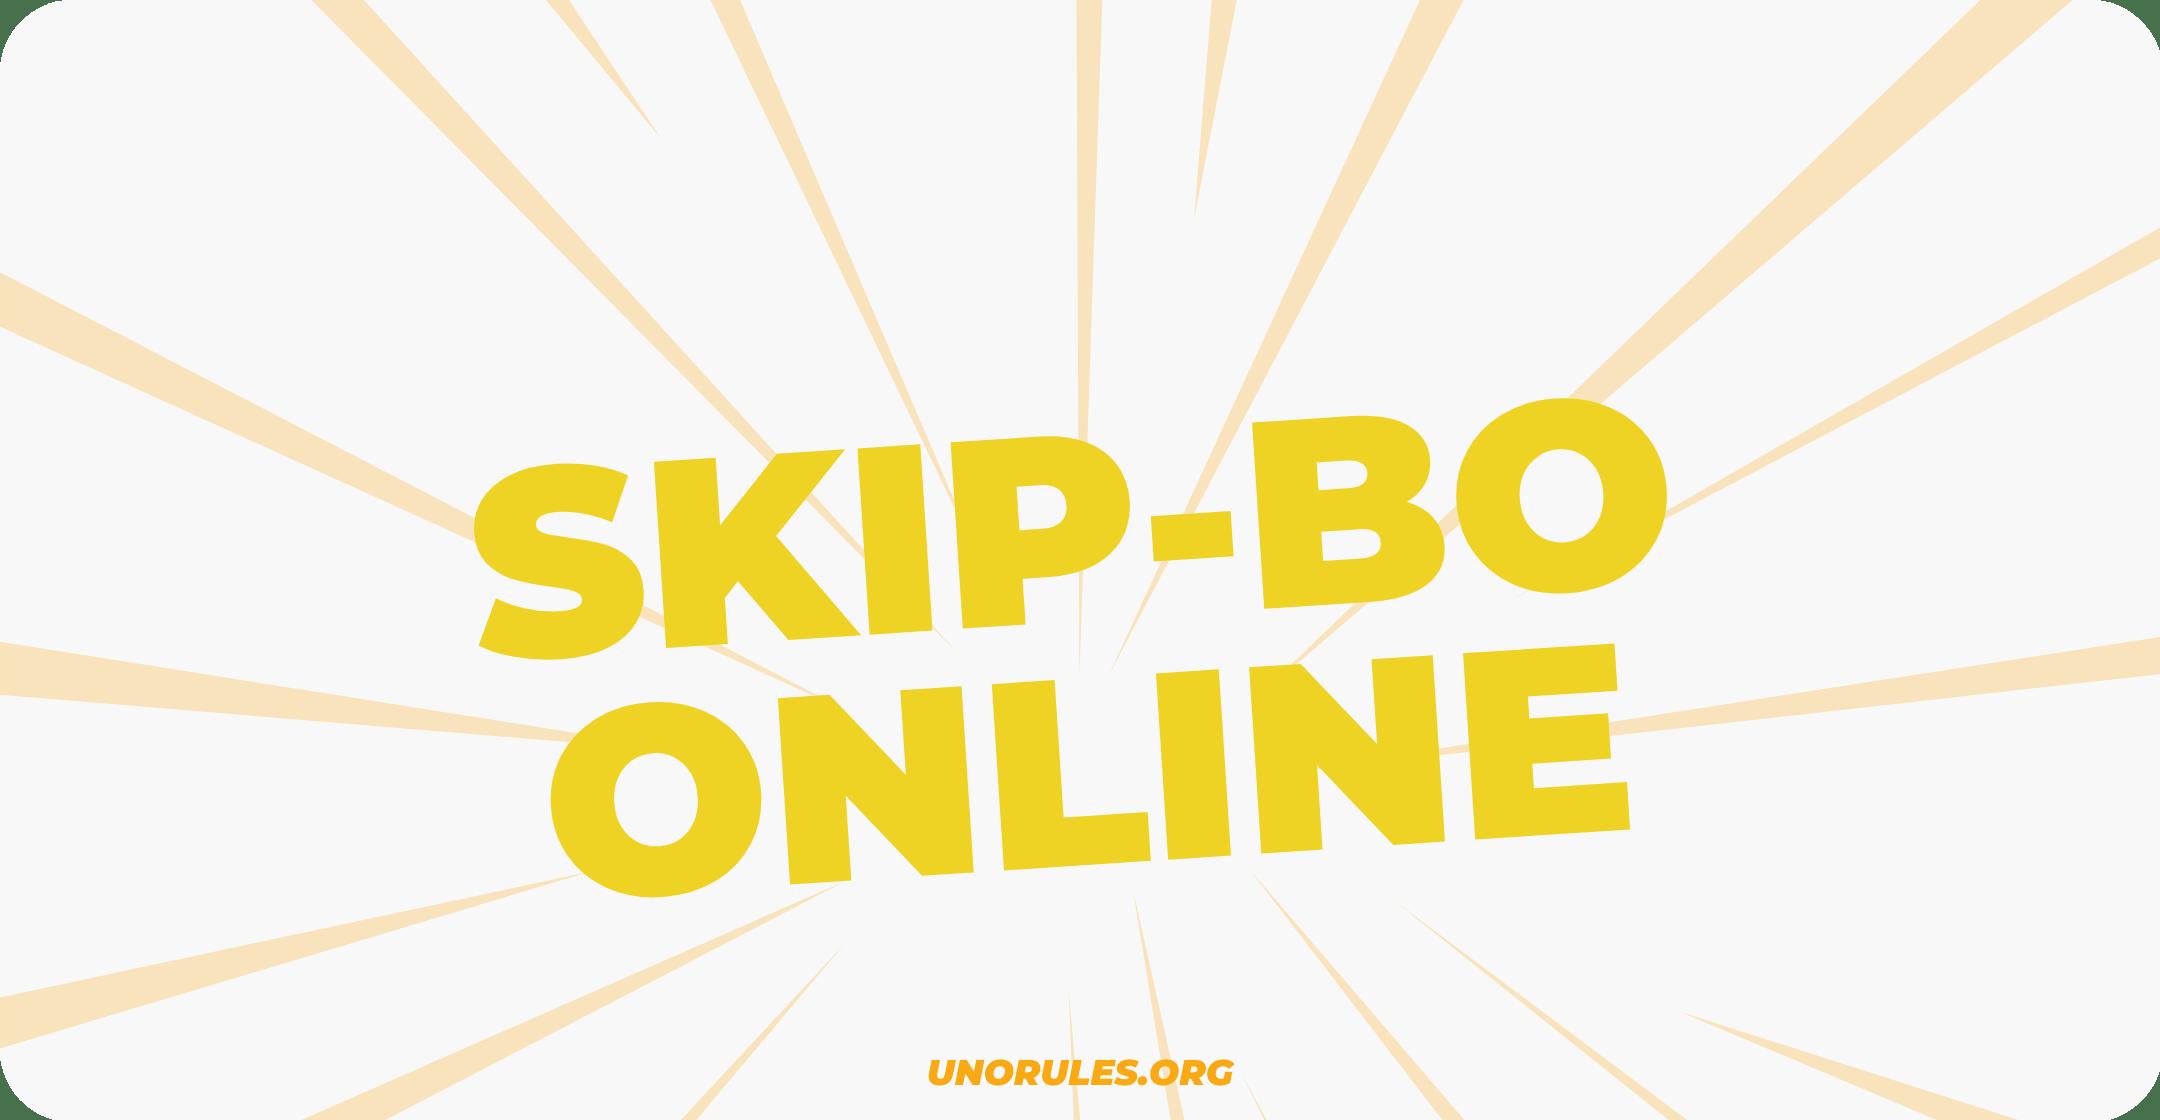 Skip-Bo online